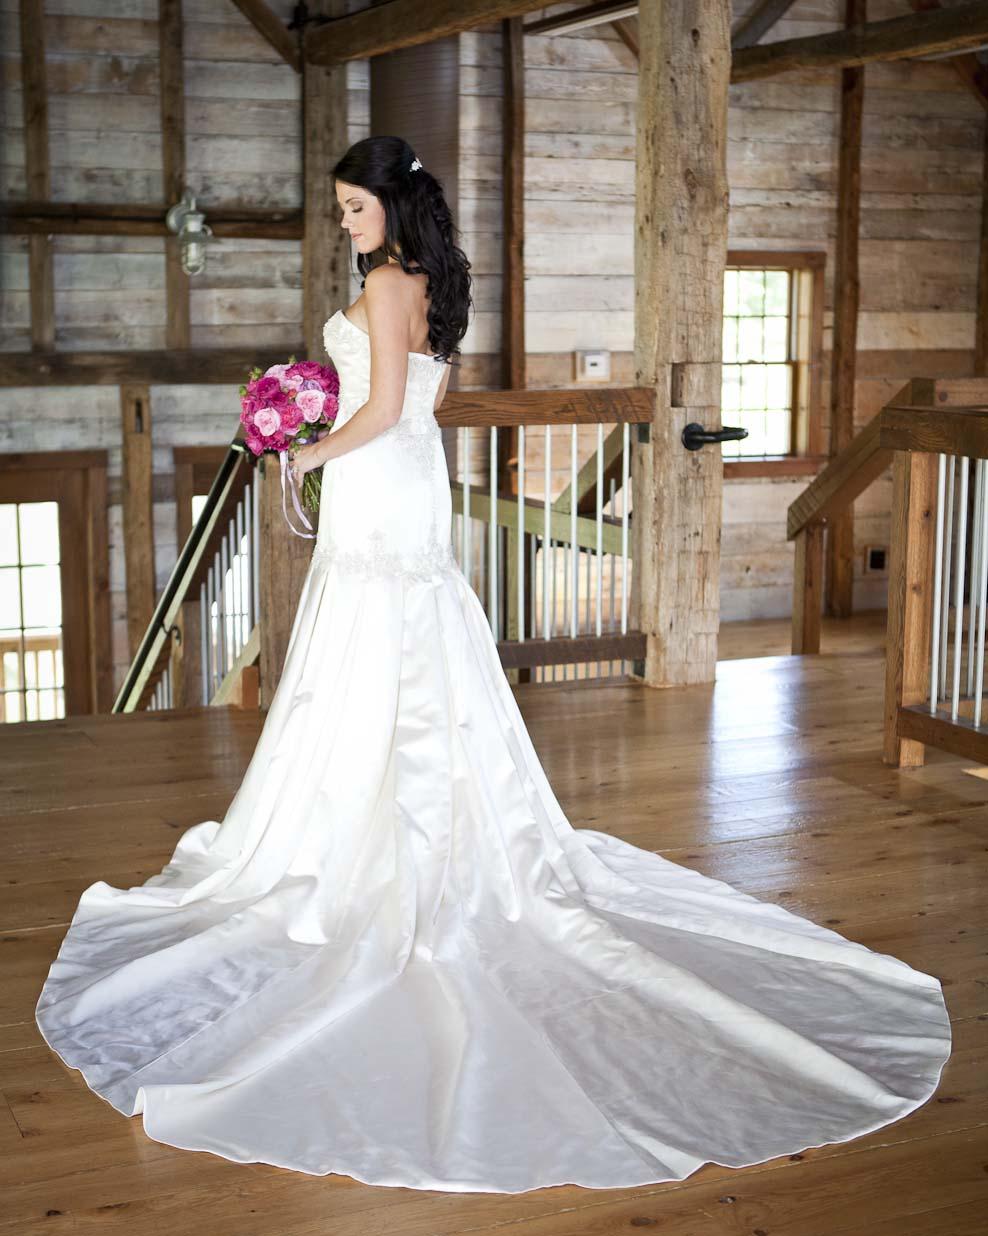 Bridal Gowns Albany Ny : Wedding dresses albany ny prom new west